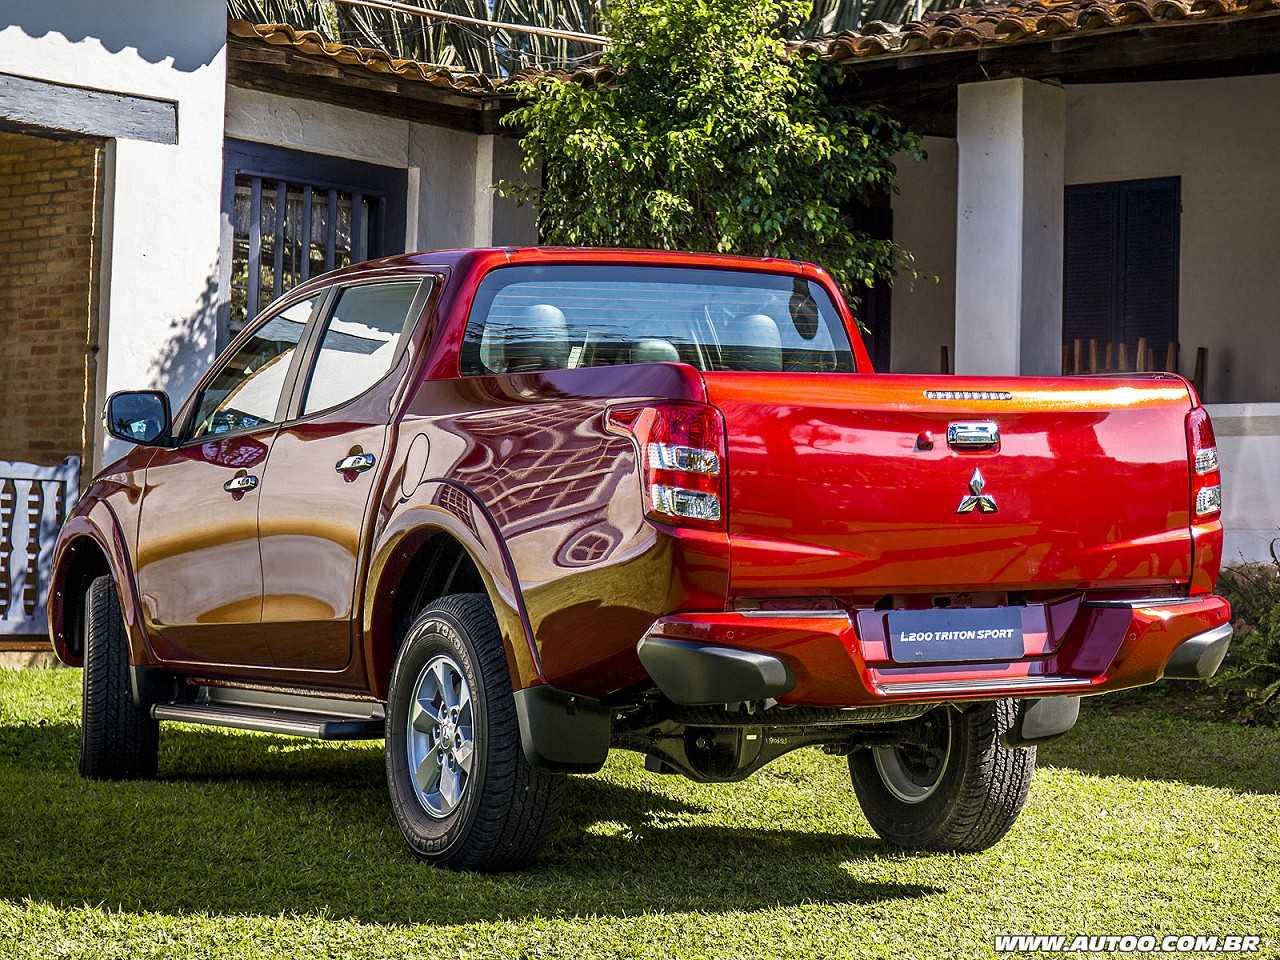 MitsubishiL200 Triton 2017 - ângulo traseiro